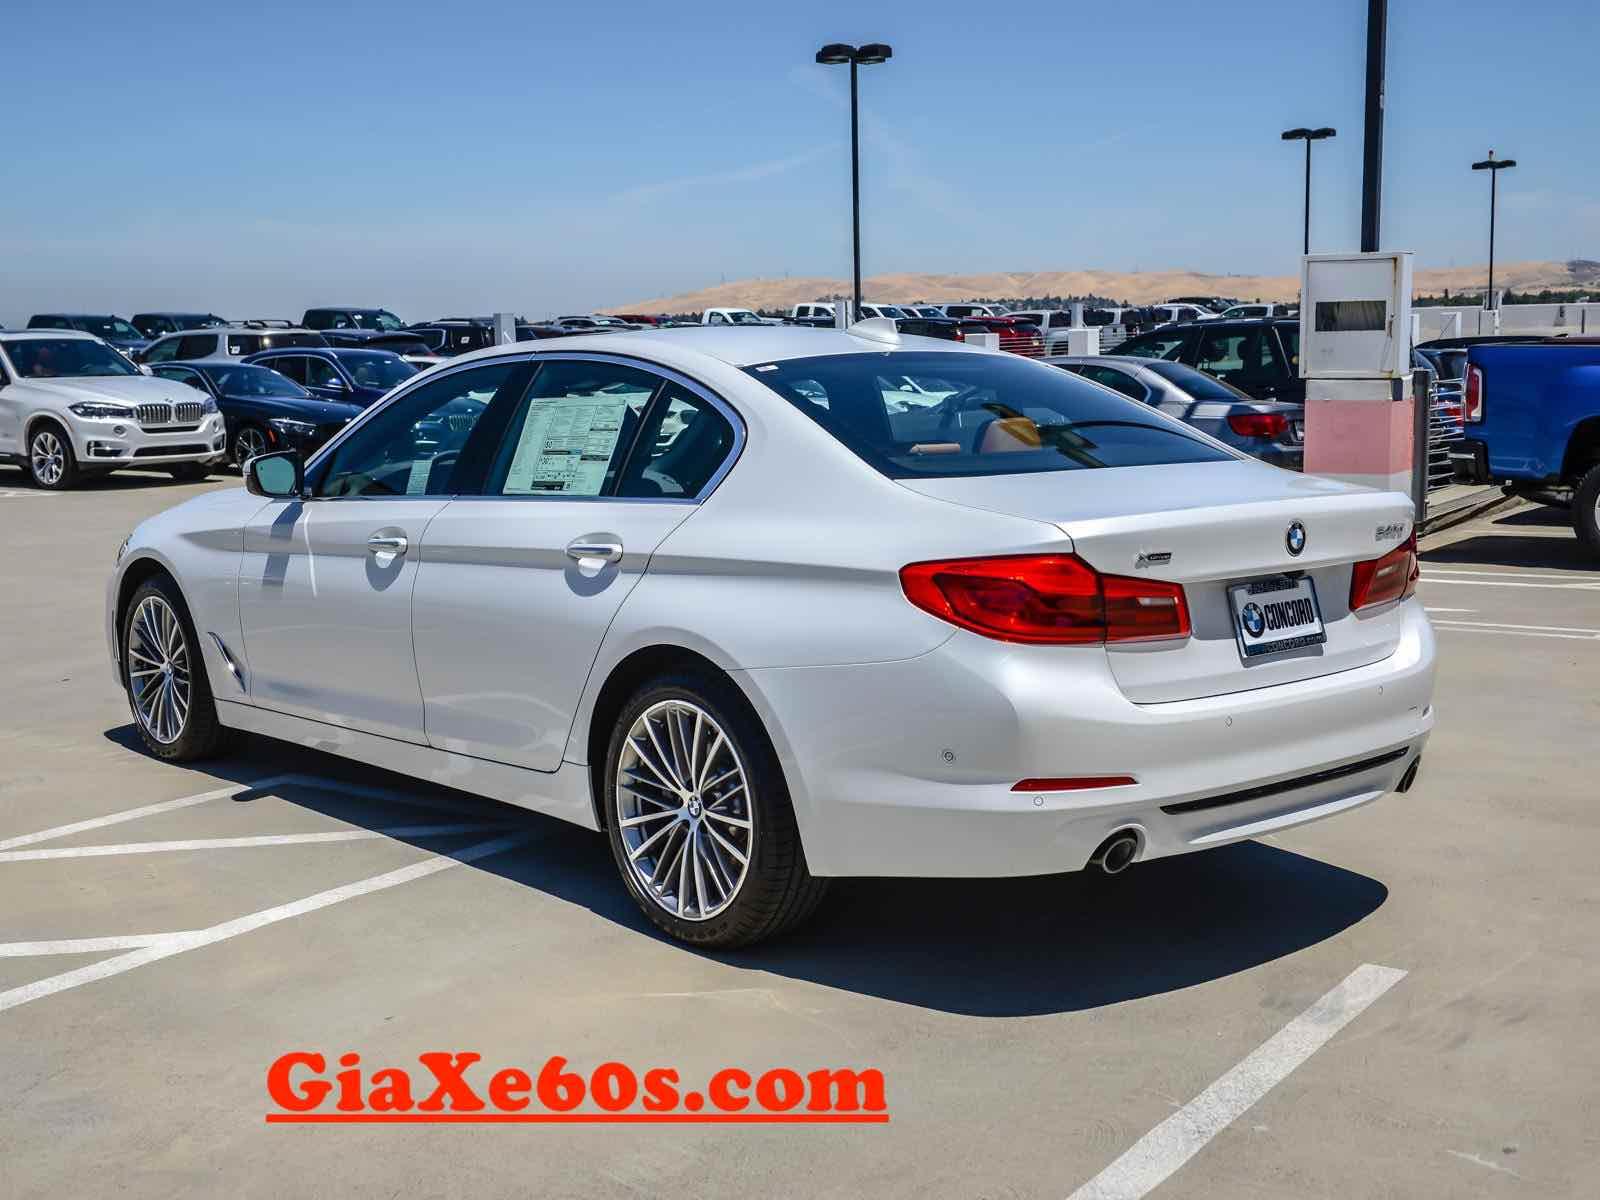 GIÁ XE BMW 5 SERIES 530i ĐỜI MỚI NHẤT MODEL 2018 và 2019 TẠI VIỆT NAM